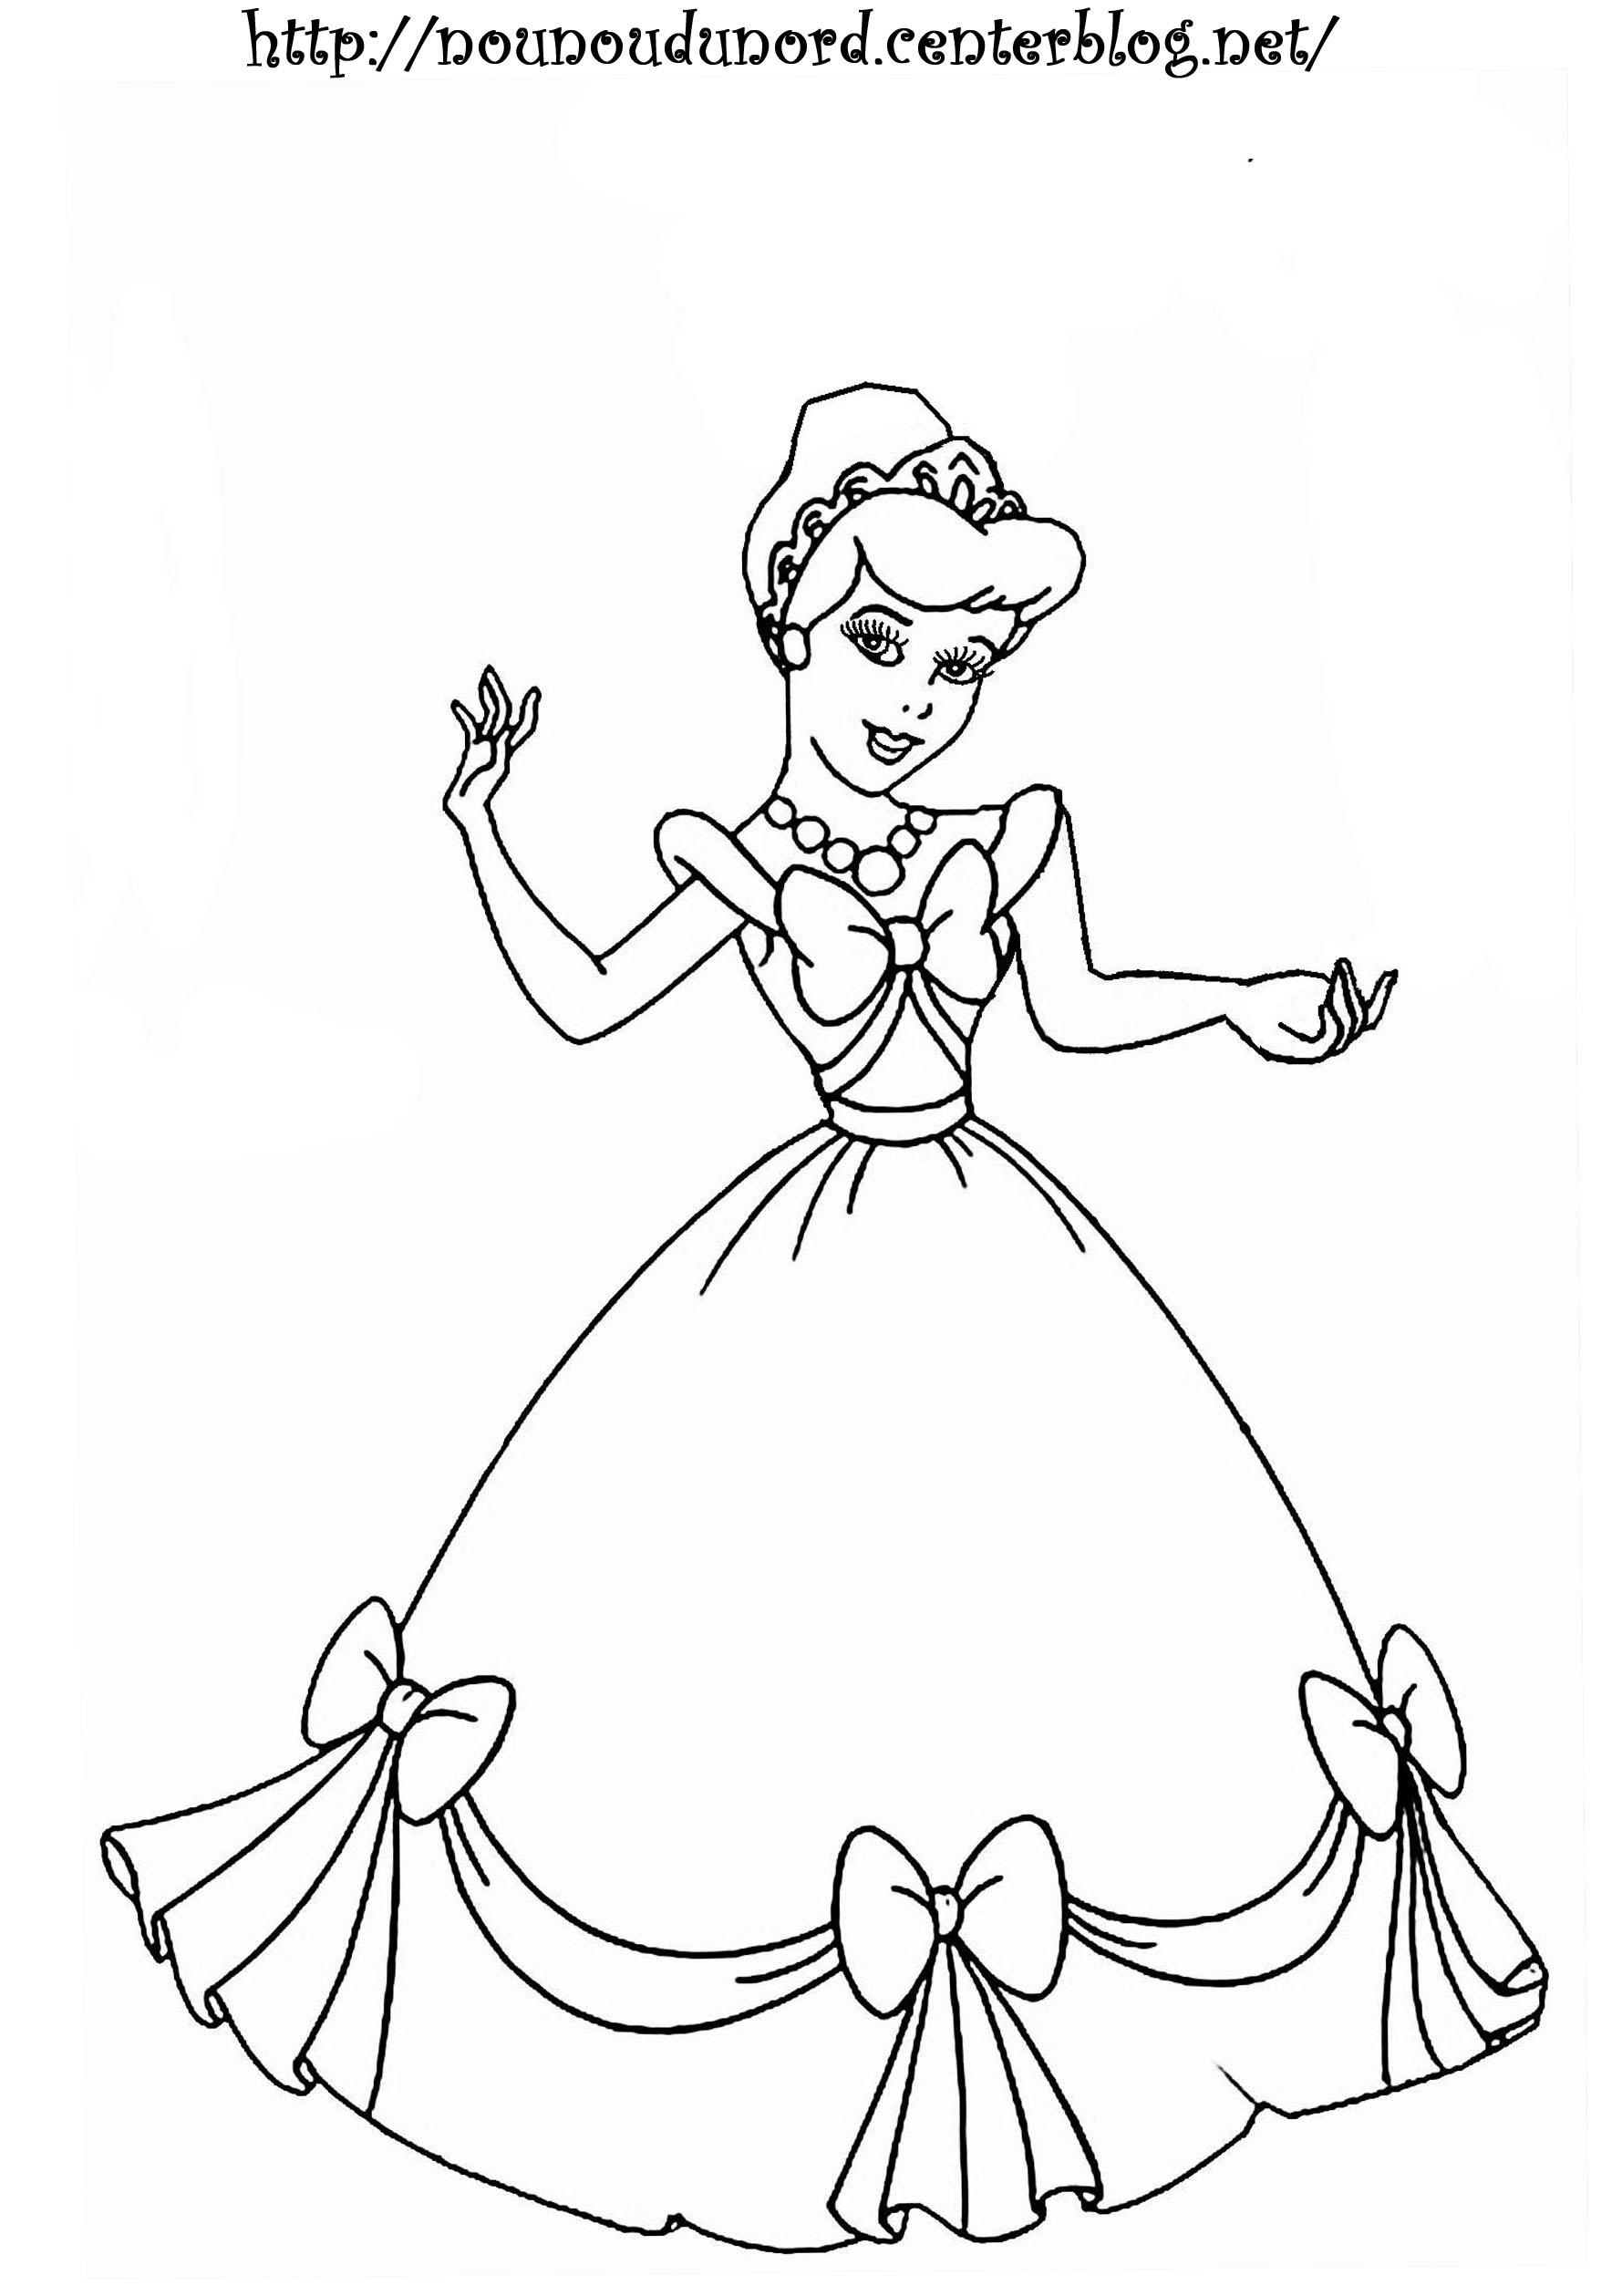 Dessin De Coloriage Princesse À Imprimer - Cp22482 avec Coloriage À Imprimer Pour Fille